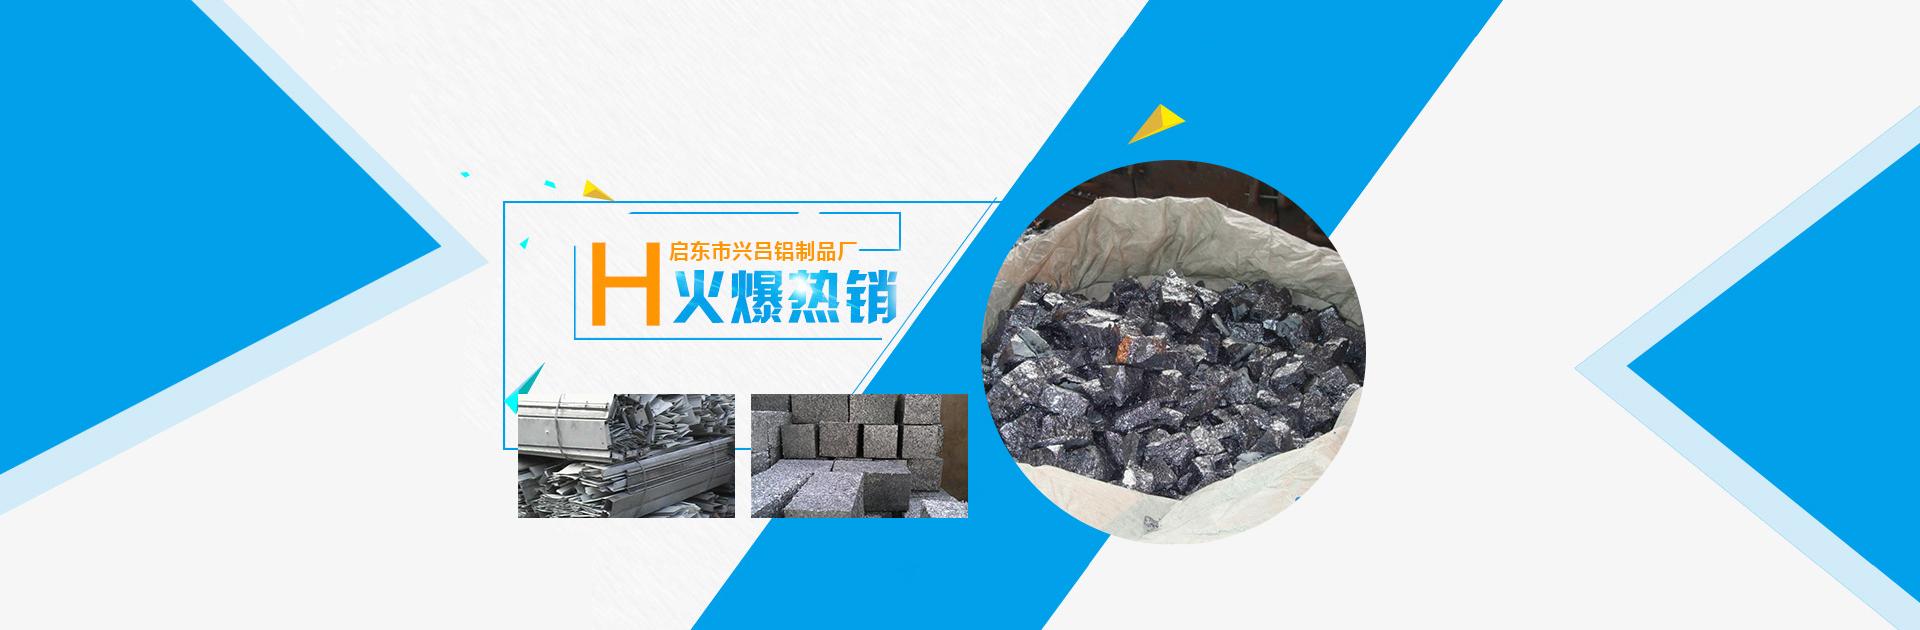 启东废铝回收